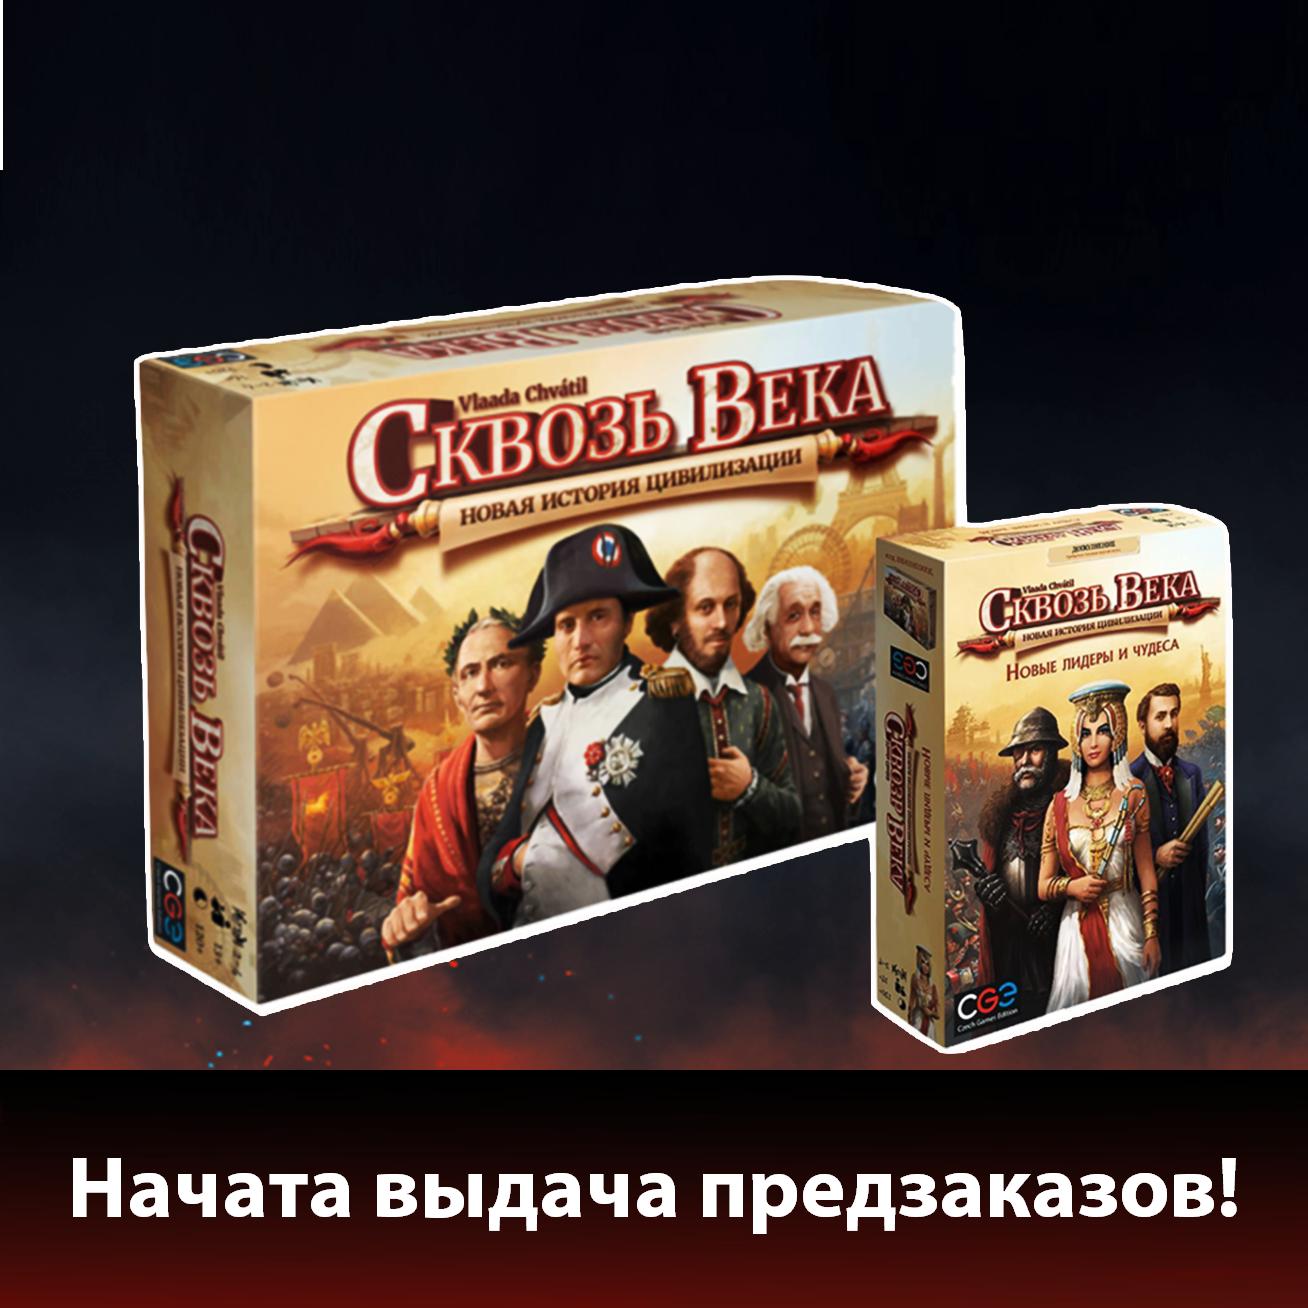 Начата выдача «Сквозь Века» с дополнением на Новослободской